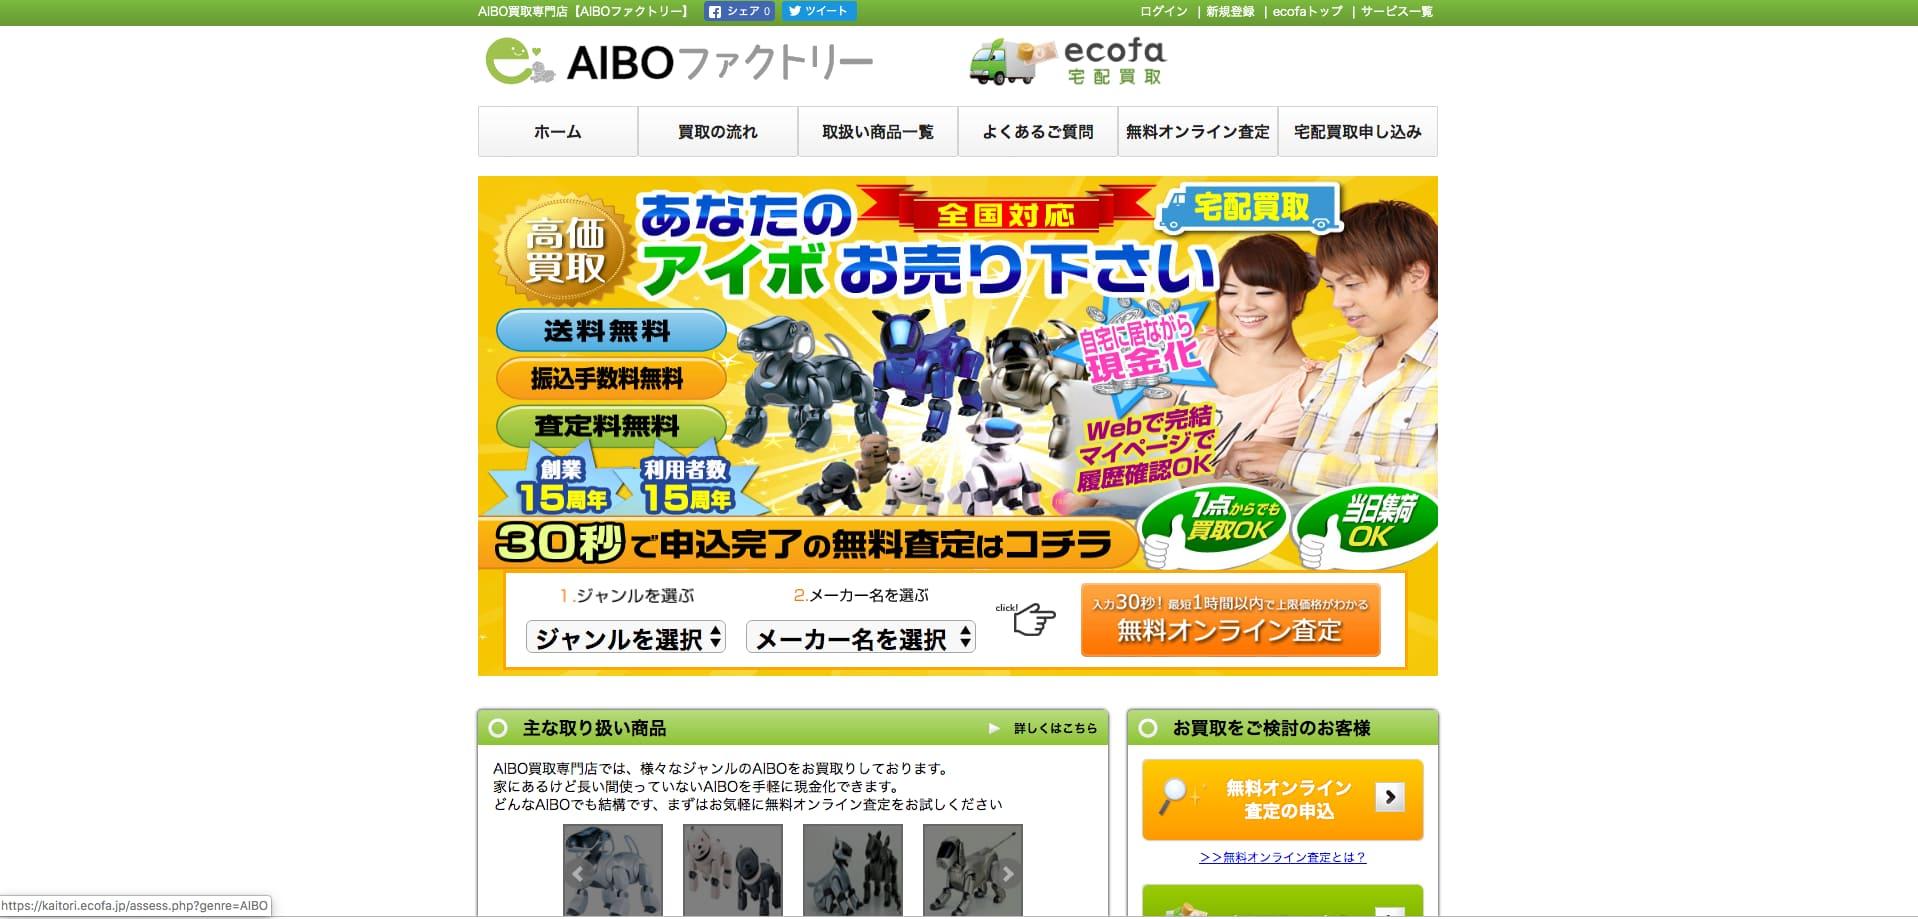 アイボ買取おすすめ店AIBOファクトリー